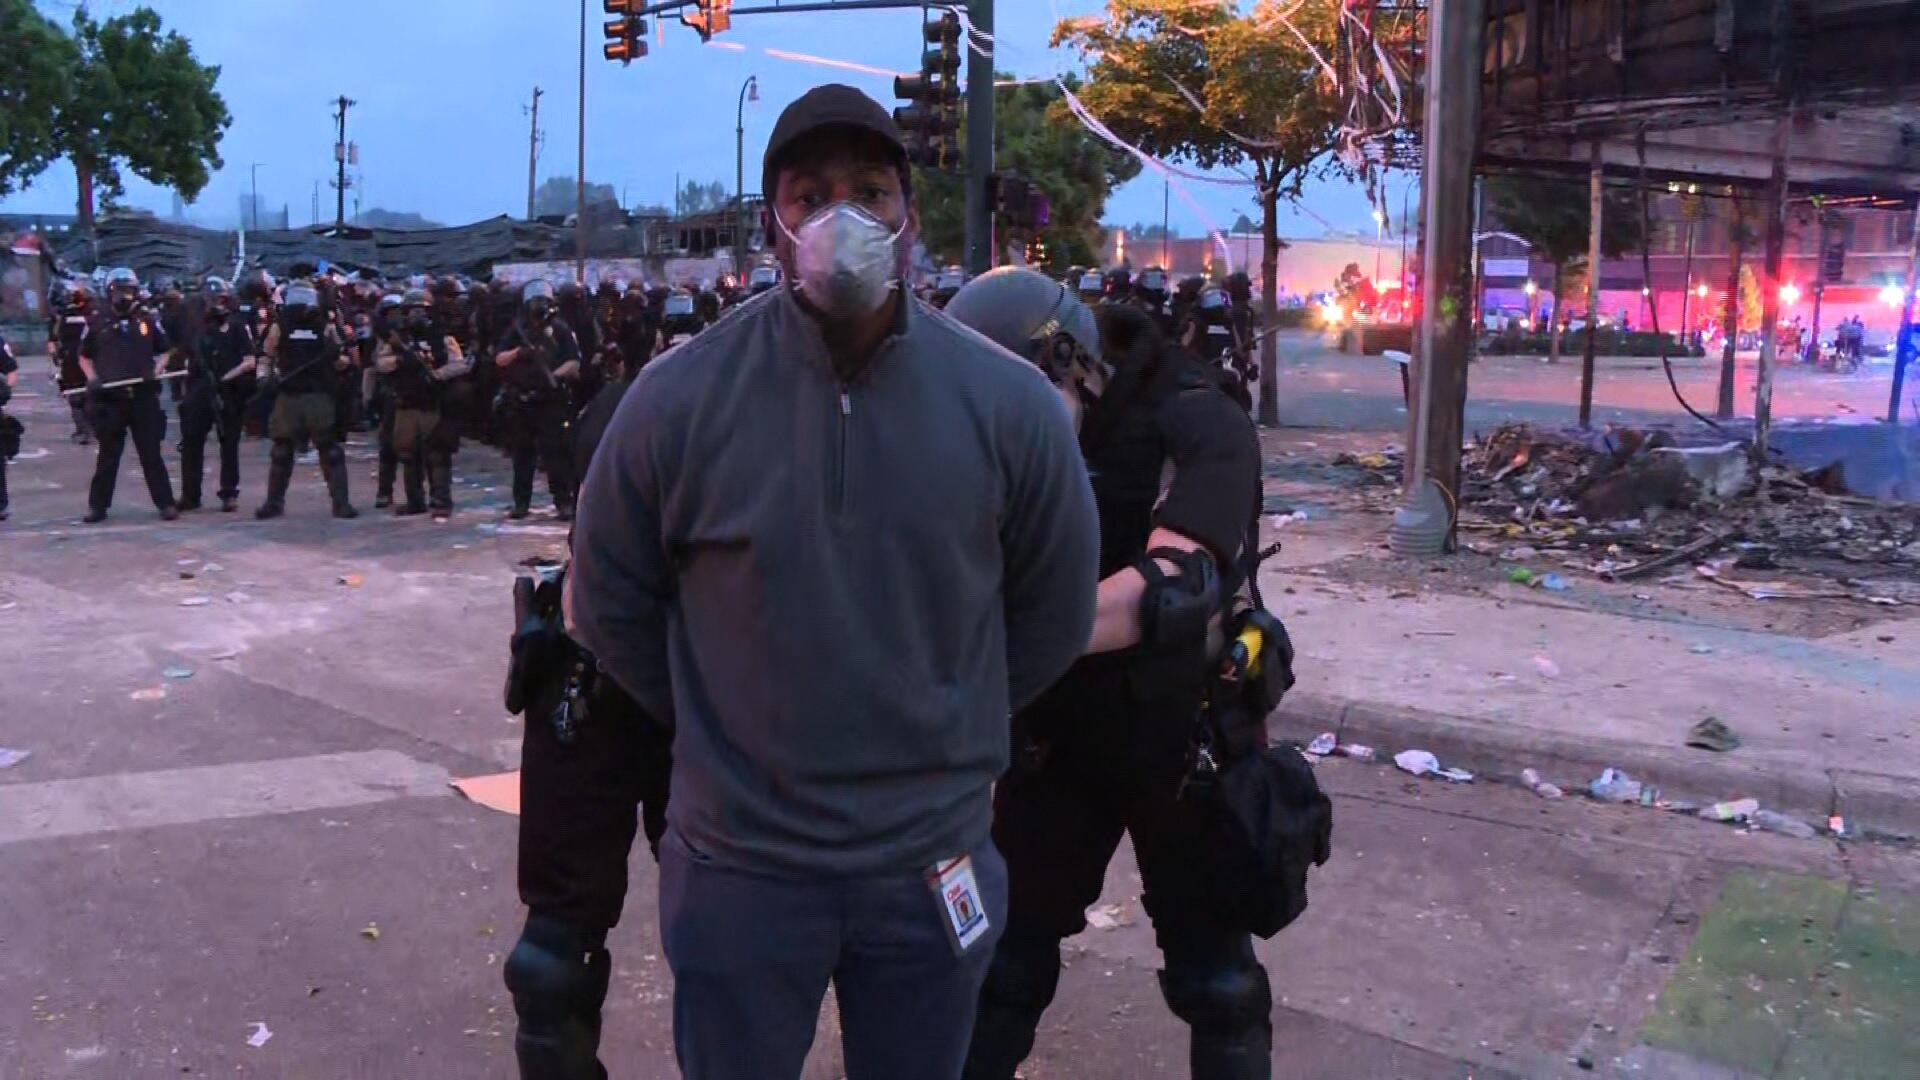 凌晨五点,CNN正直播美国骚乱,警察冲进镜头把记者抓